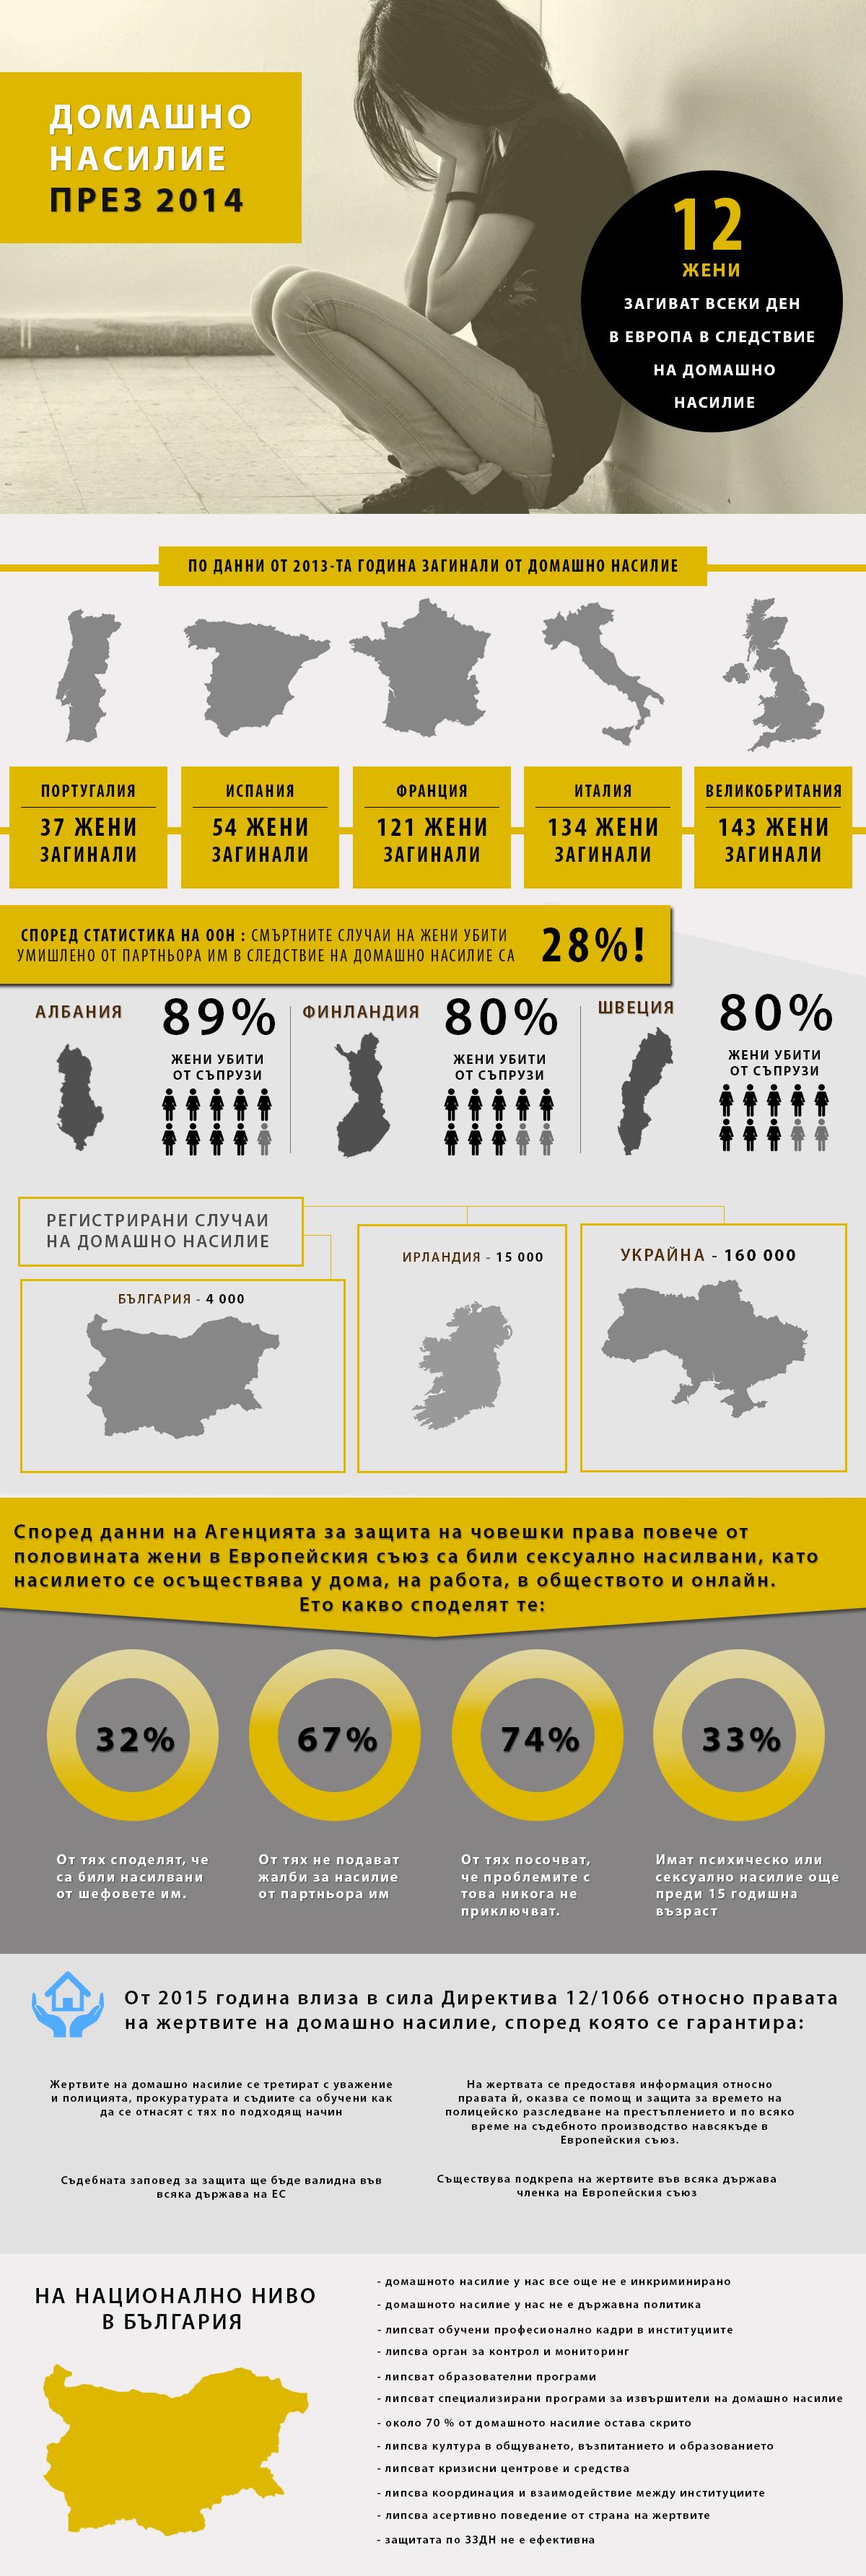 домашно насилие 2014